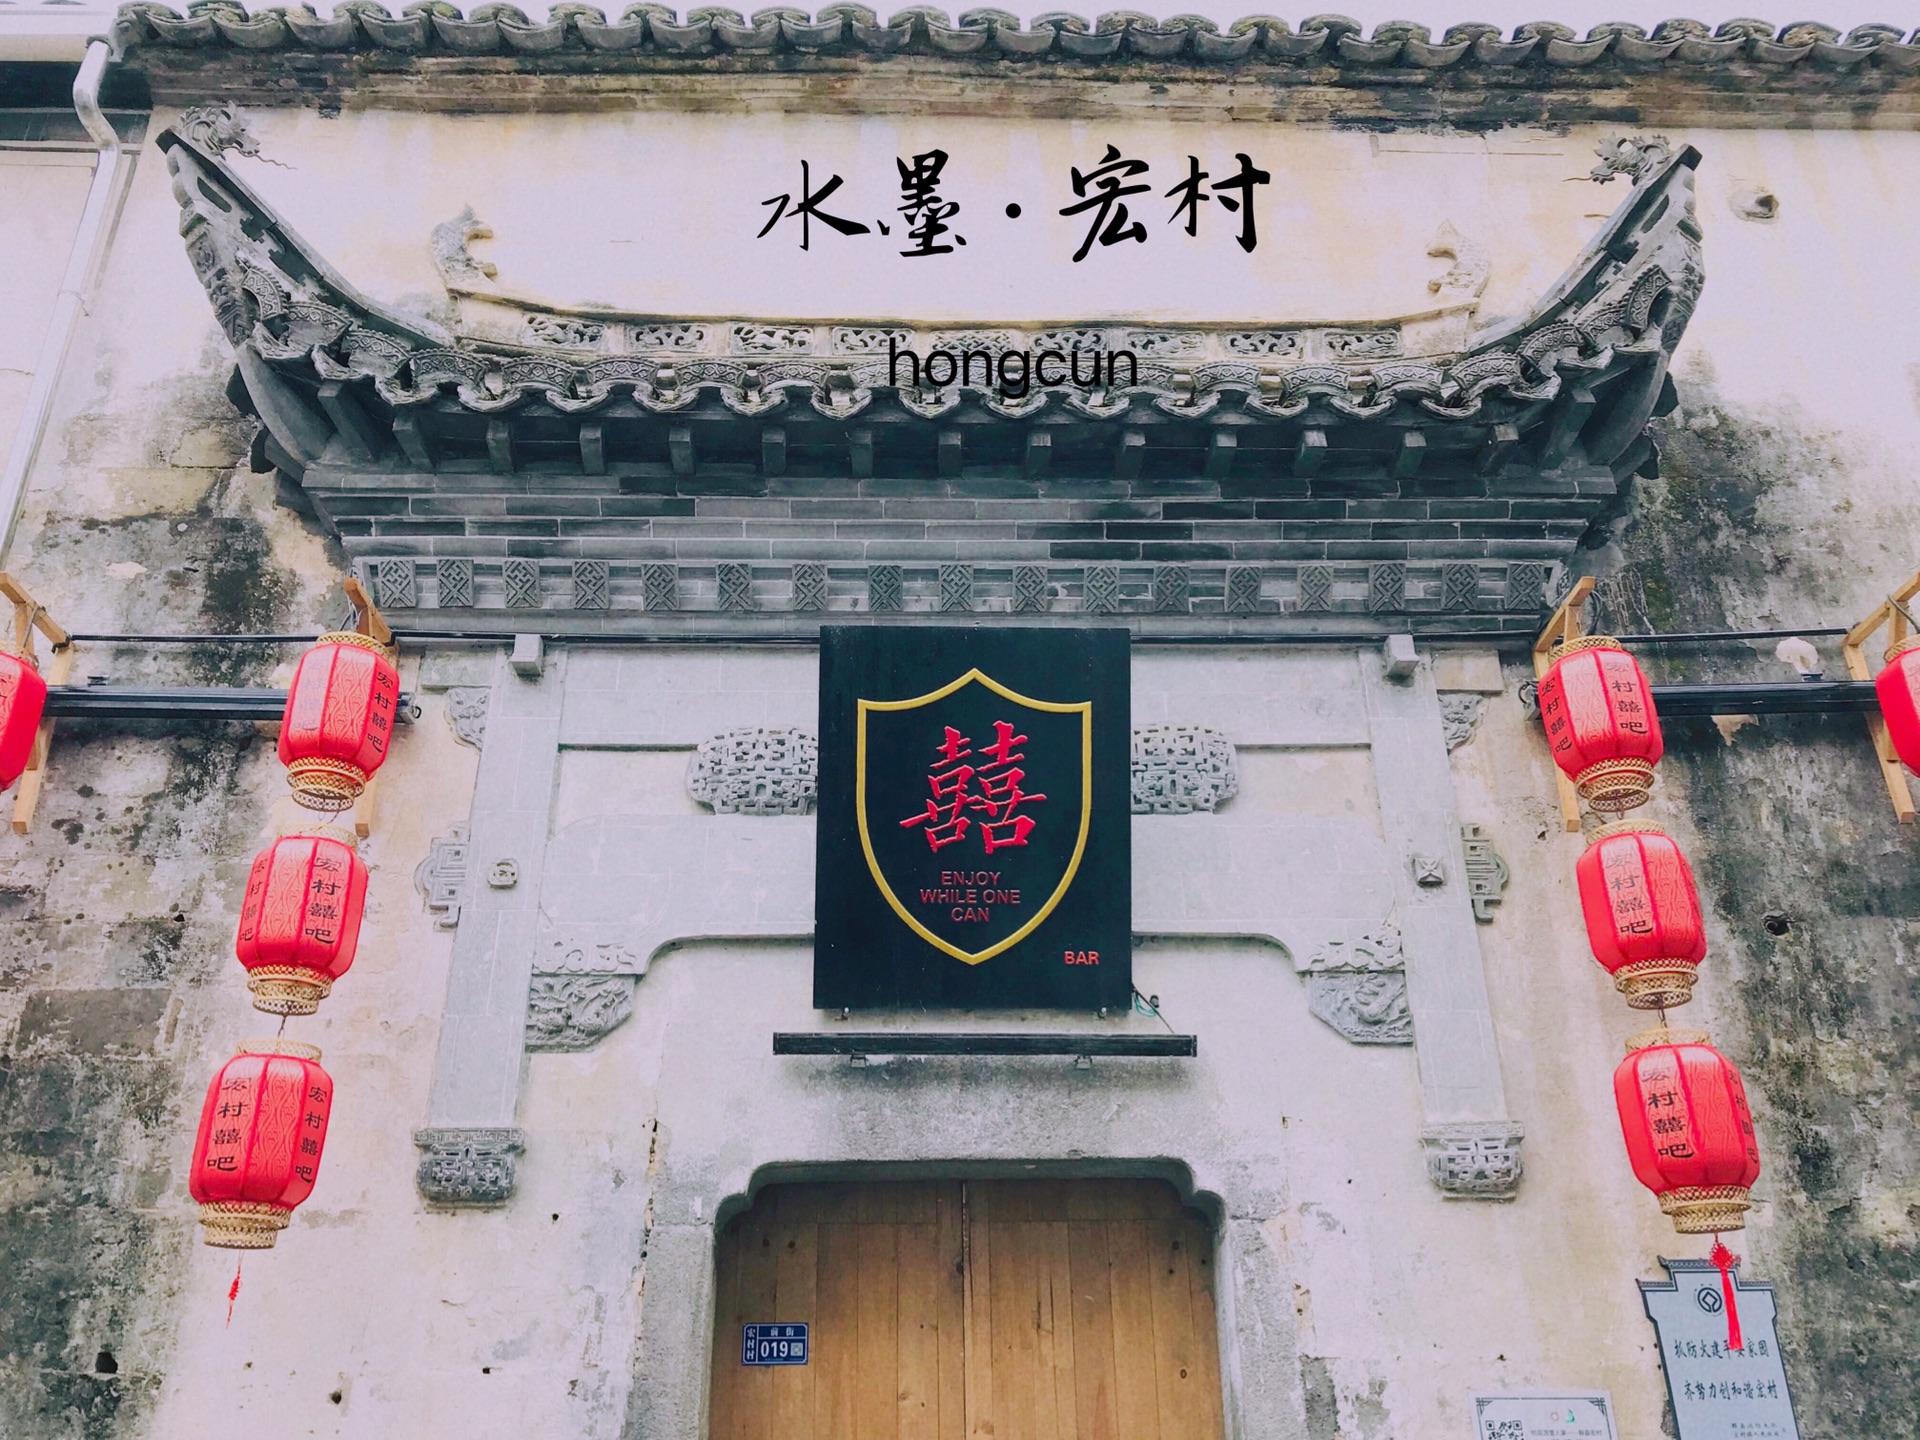 妹妹远嫁之旅(爱心小蜂)南京-马鞍山-宏村_游记